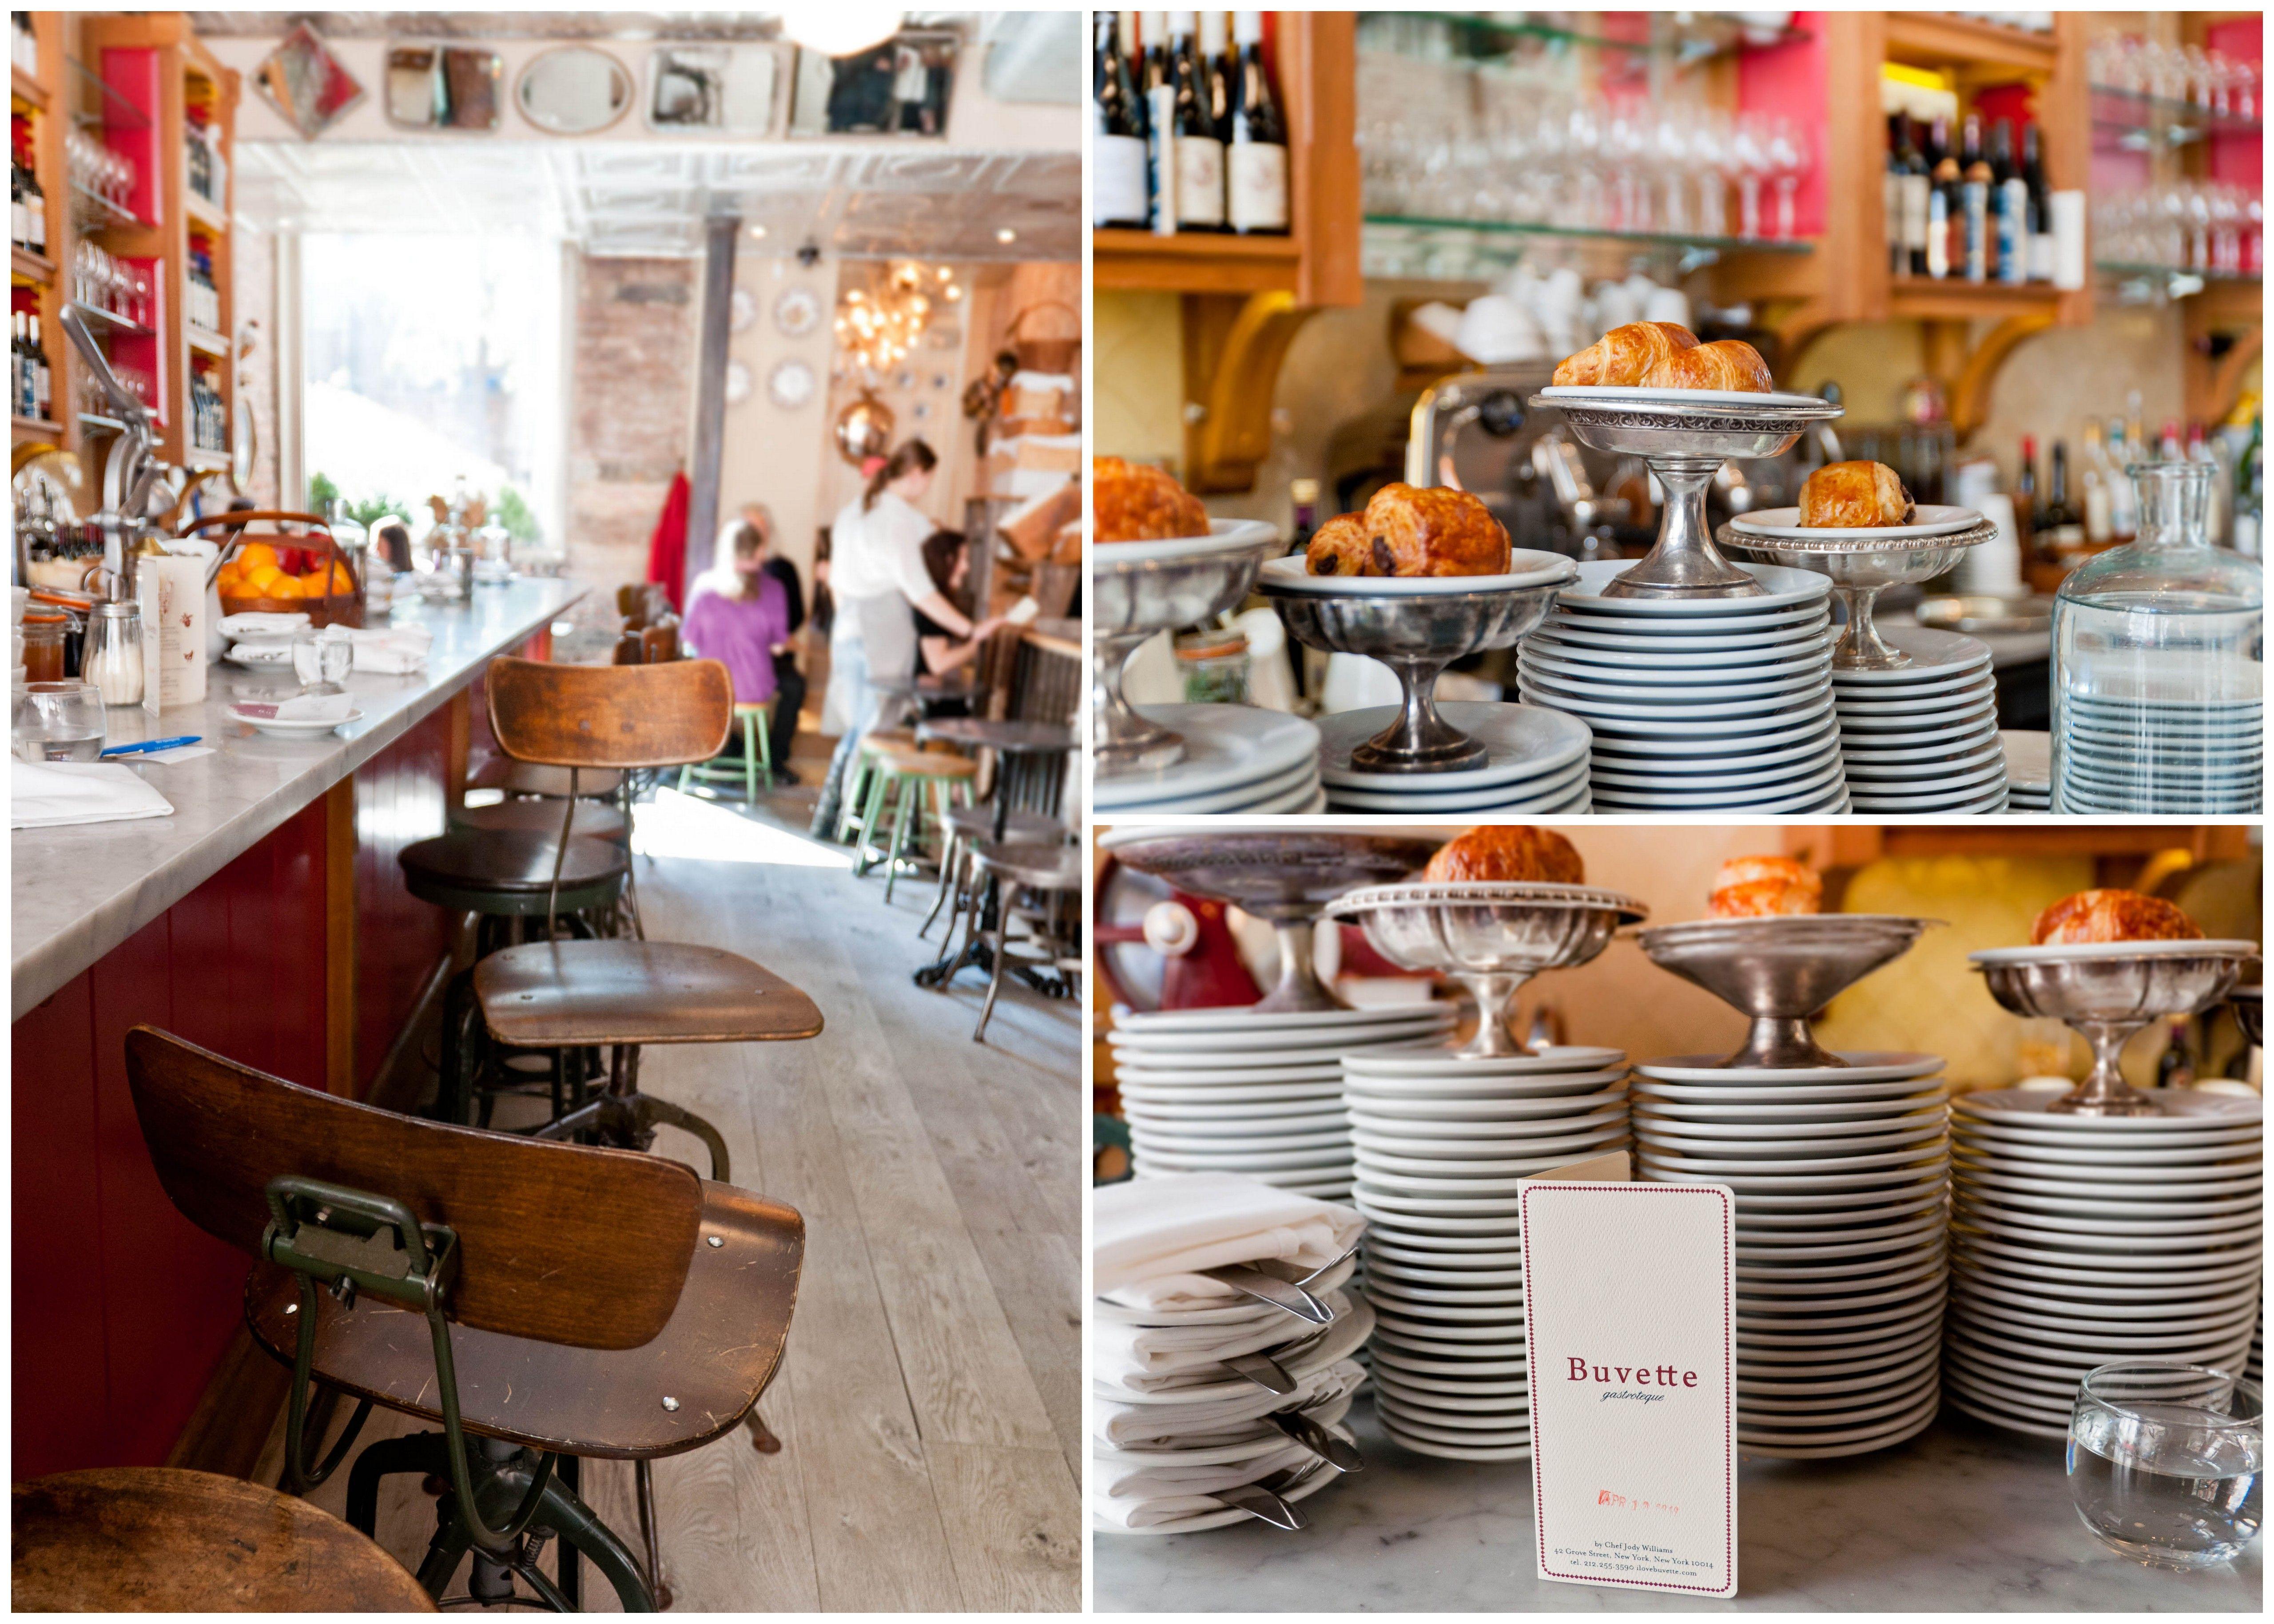 Buvette in West Village | cafes